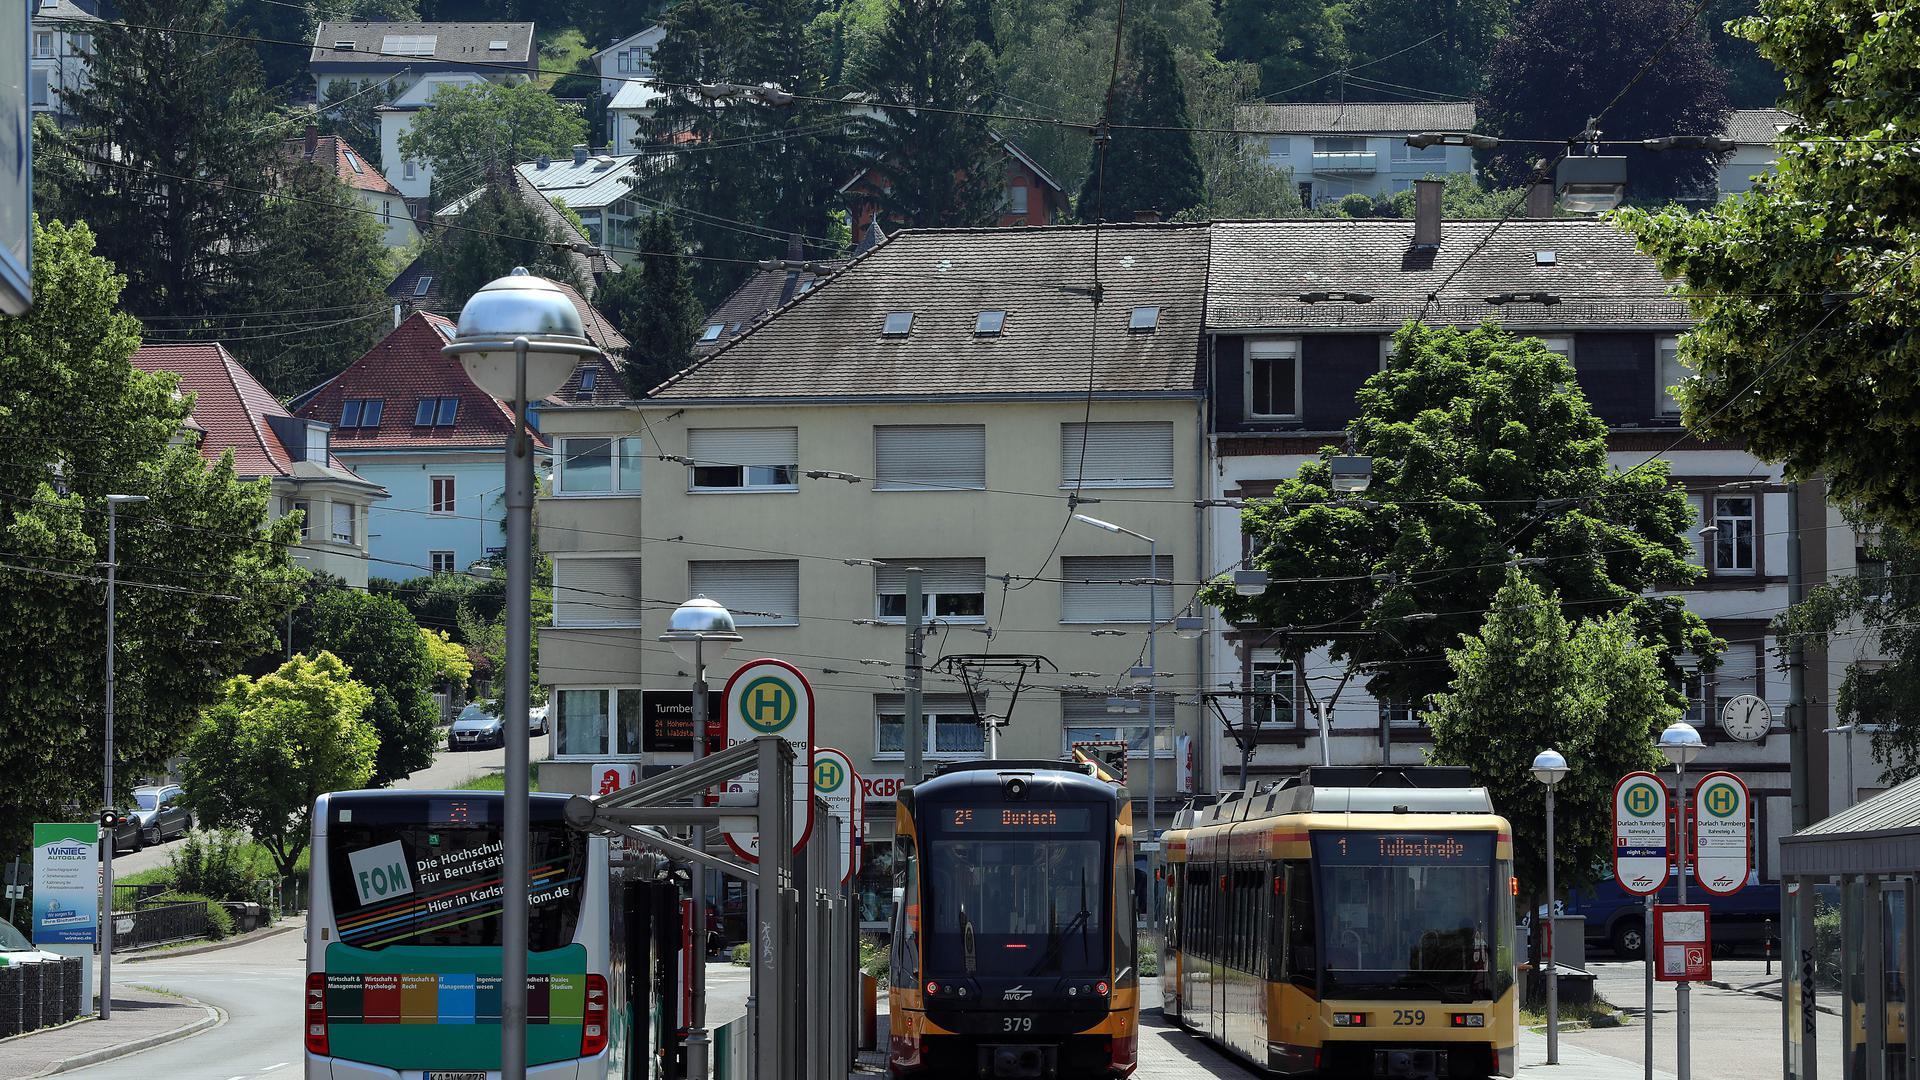 17.06.2021 Beim Neubau der Turmbergbahn geplant ist eine Verlängerung bis zur Endhaltestelle der Straßenbahn in Durlach.